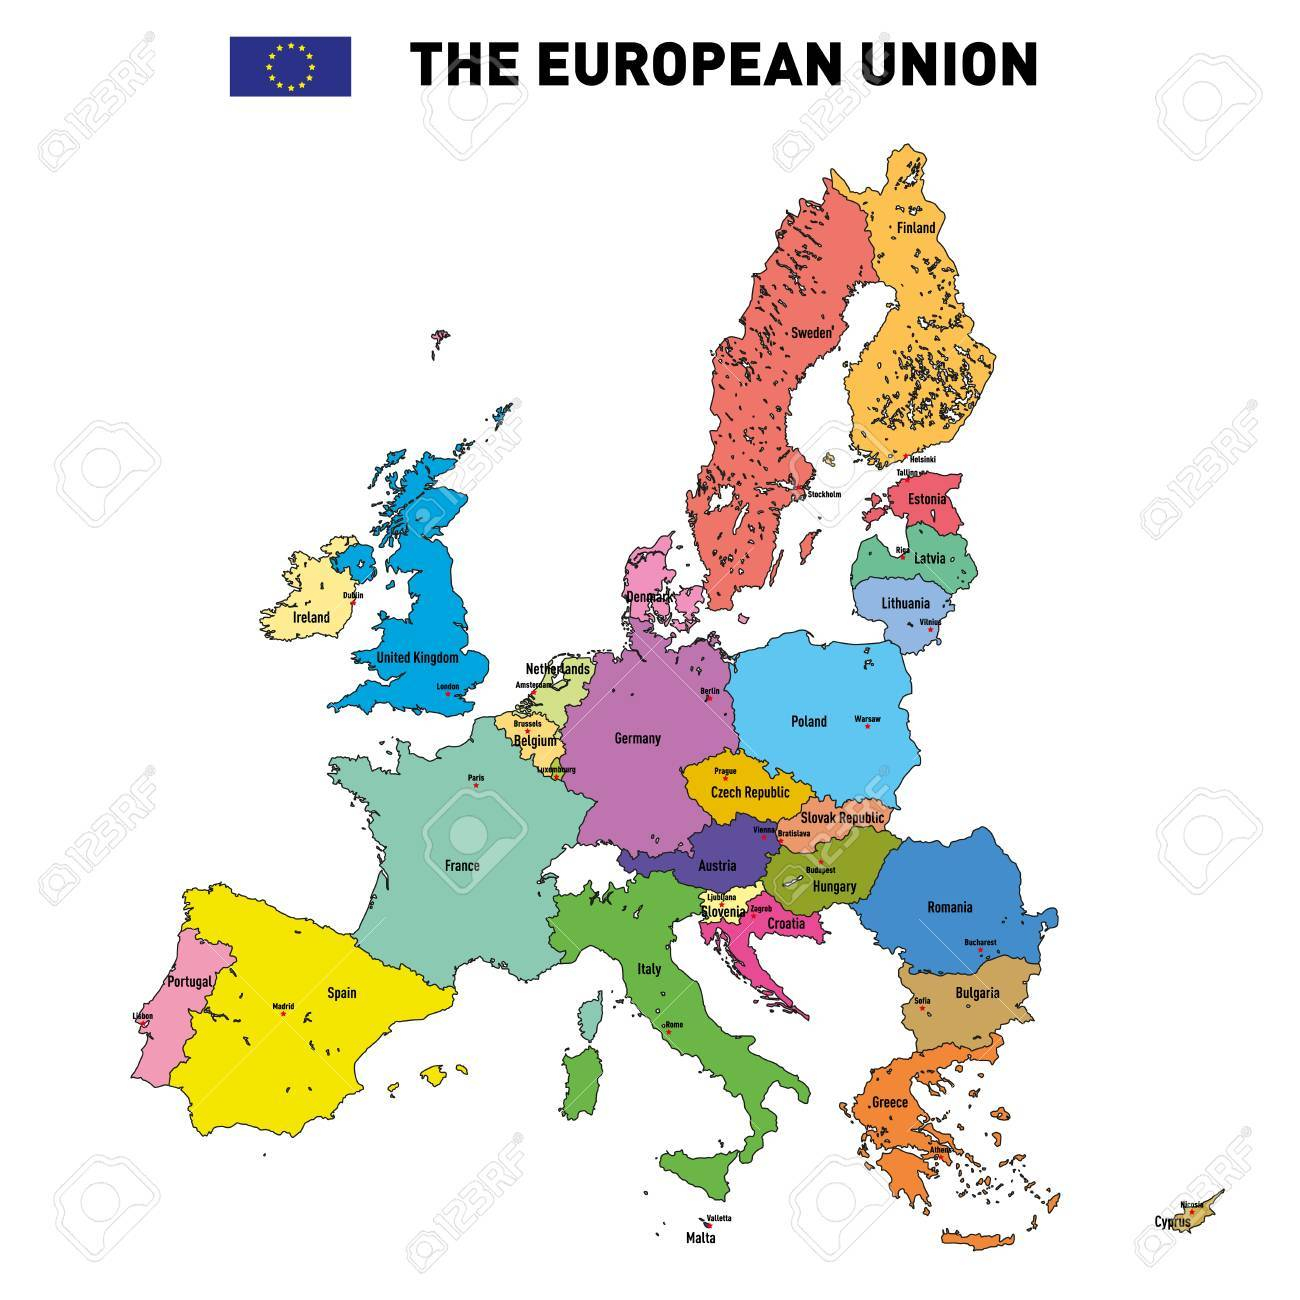 Vector Très Détaillée Carte Politique De L'union Européenne Avec Des  Drapeaux Et Capitales. Tous Les Éléments Sont Séparés Dans Des Couches concernant Les Capitales De L Union Européenne